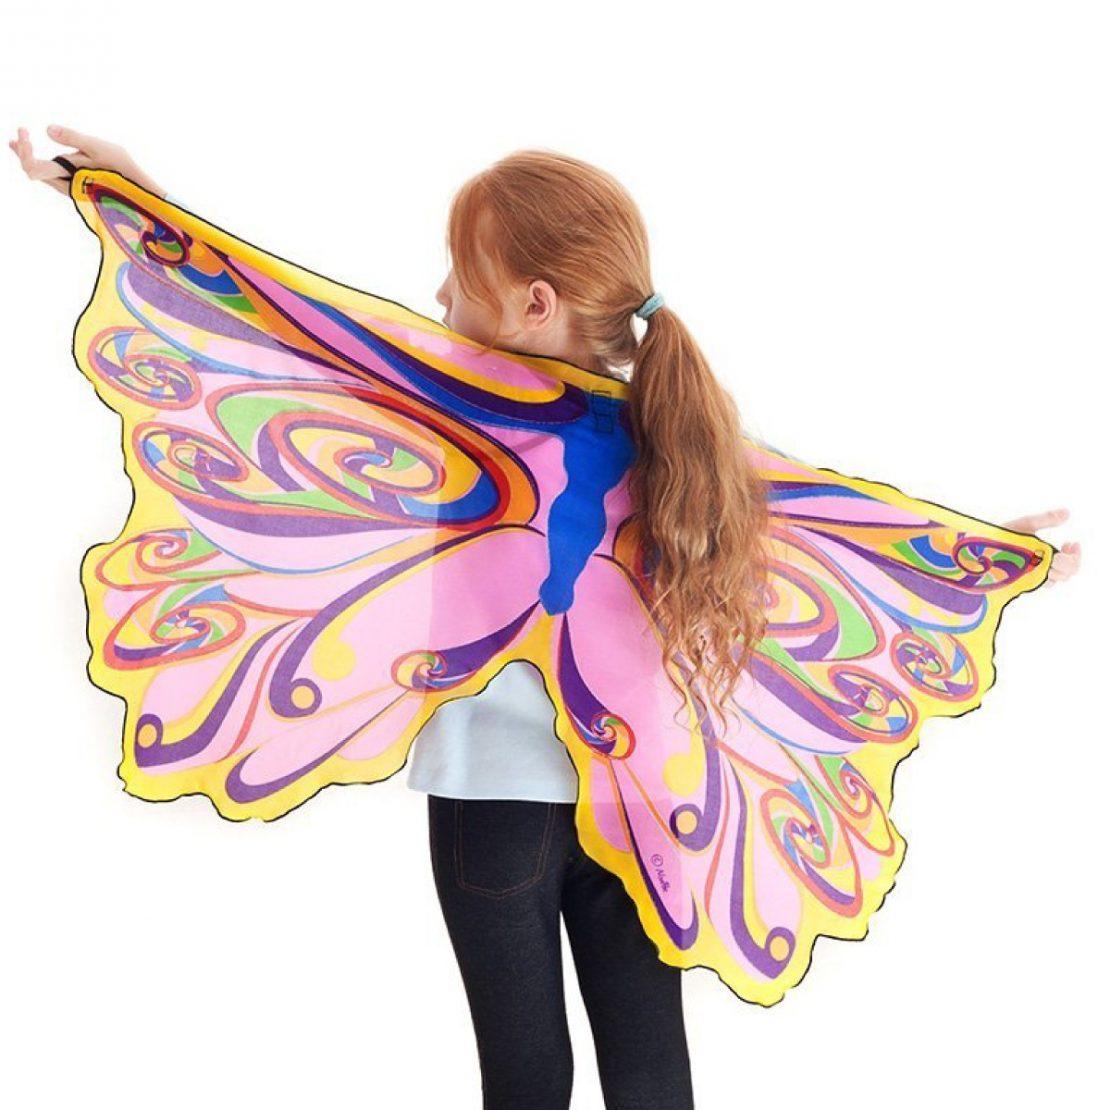 Douglas Dreamy Dress Up Wings